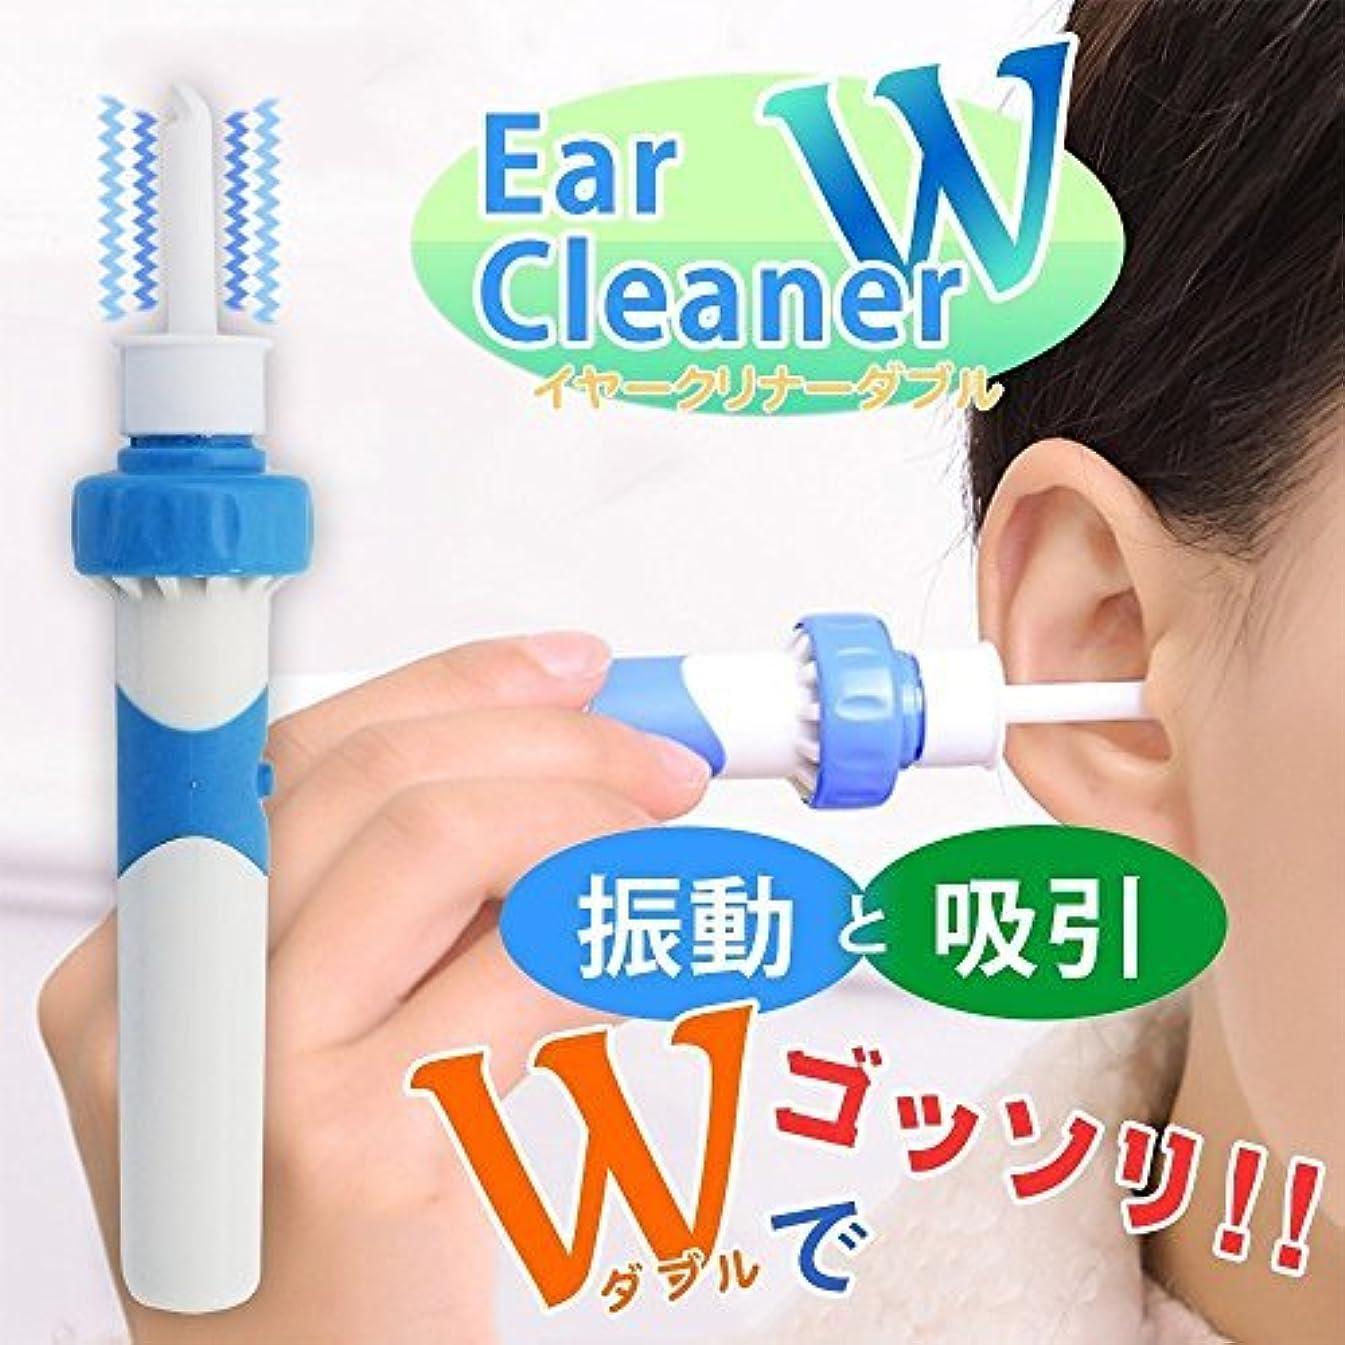 請求コイン石化するCHUI FEN 耳掃除機 電動耳掃除 耳クリーナー 耳掃除 みみそうじ 耳垢 吸引 耳あか吸引